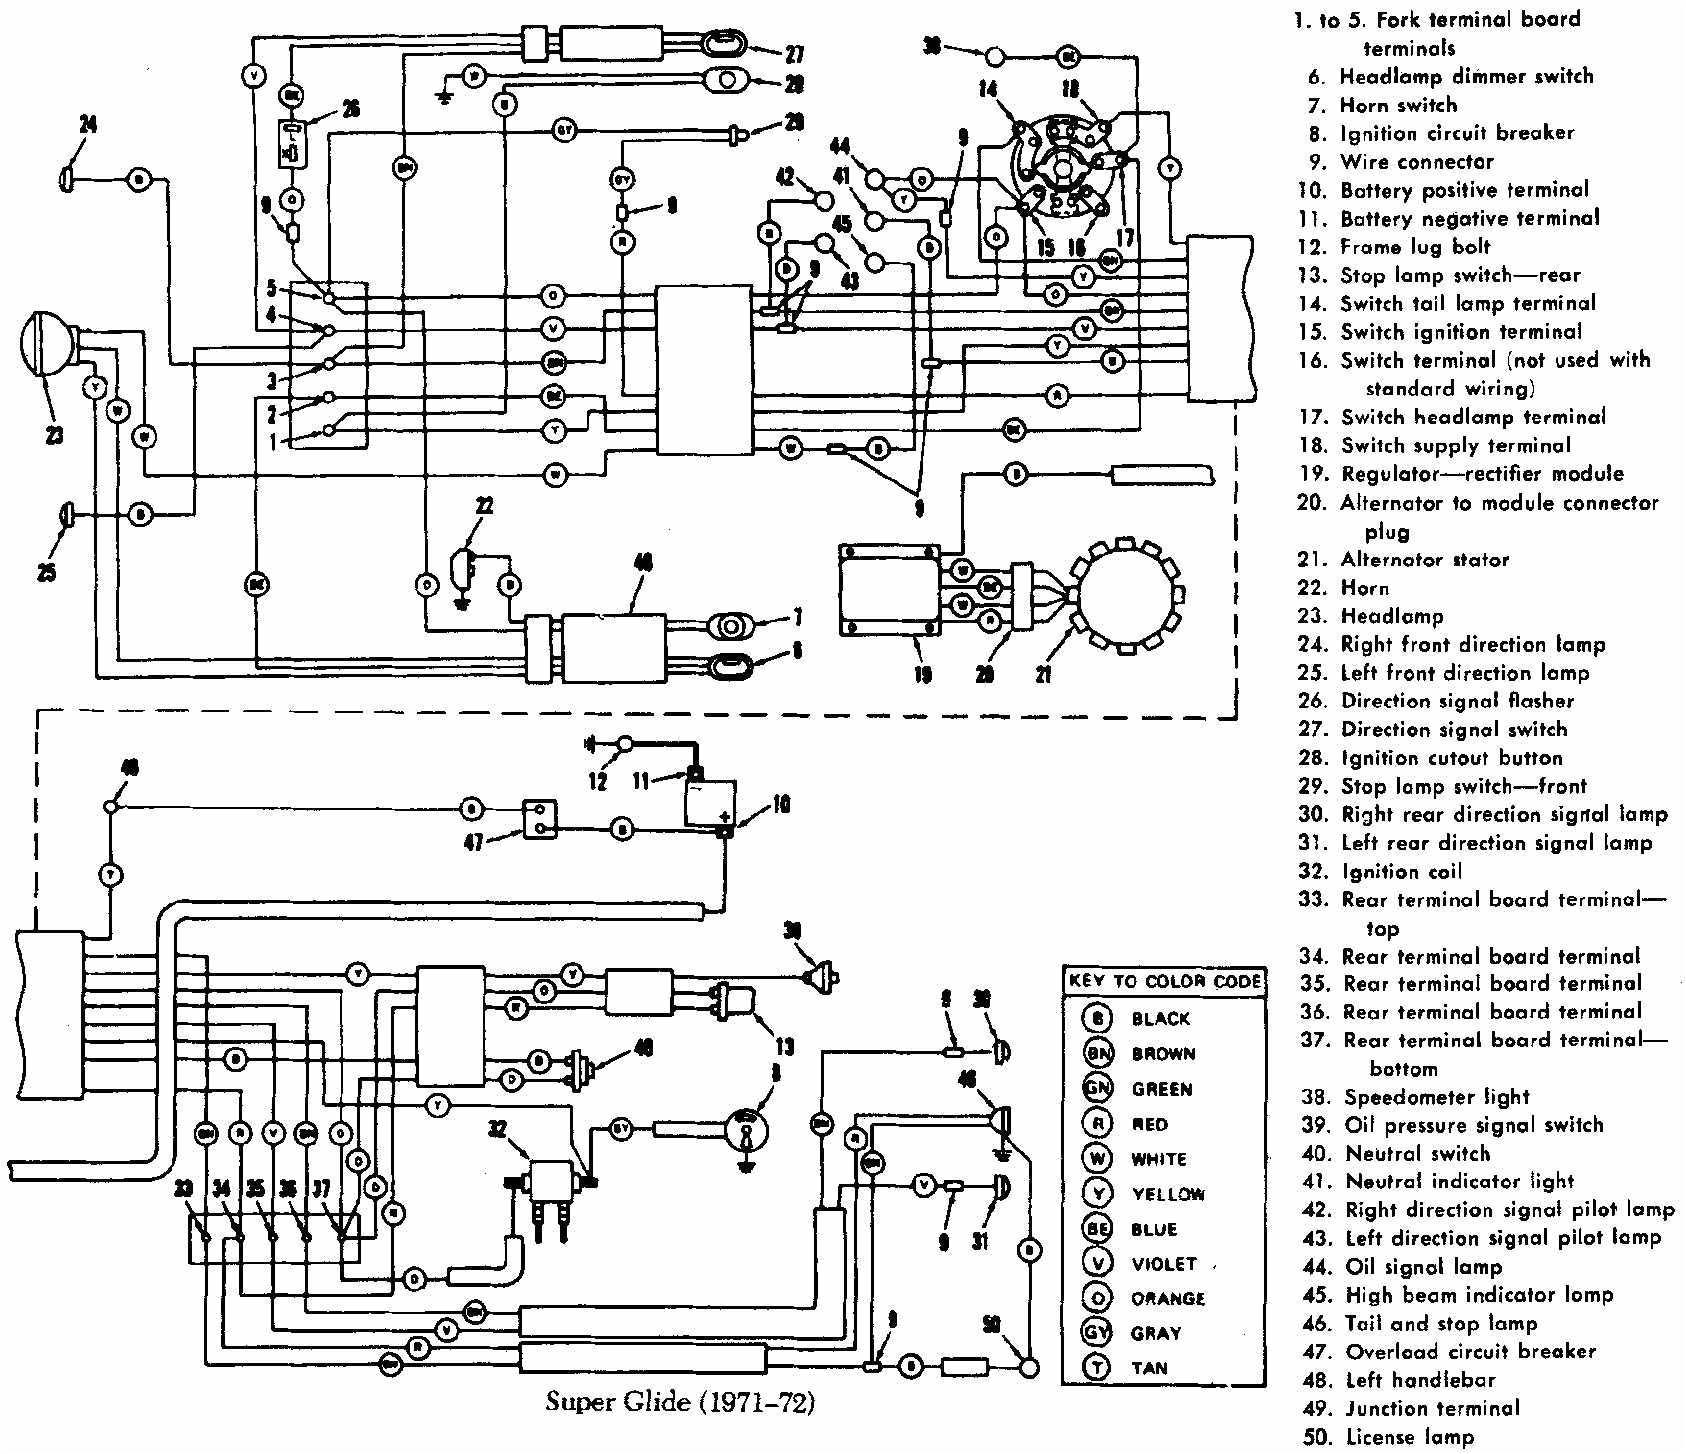 1971 harley davidson flh wiring diagram wiring diagram view 1979 harley ignition switch wiring diagram